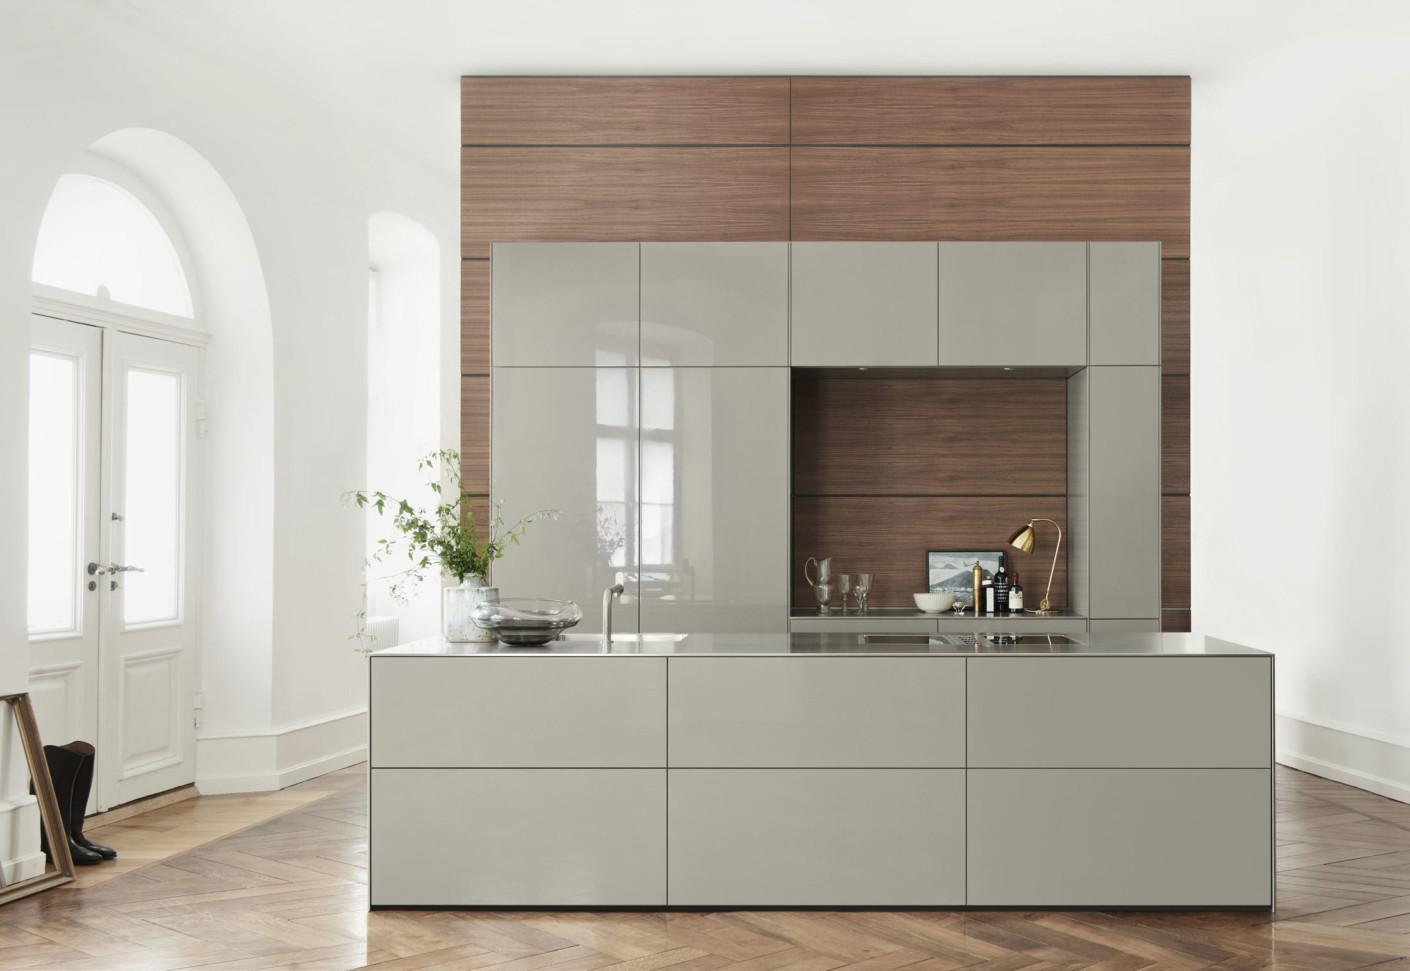 Bulthaup b3 rotary sliding door cabinet by bulthaup stylepark - Bulthaup en ...